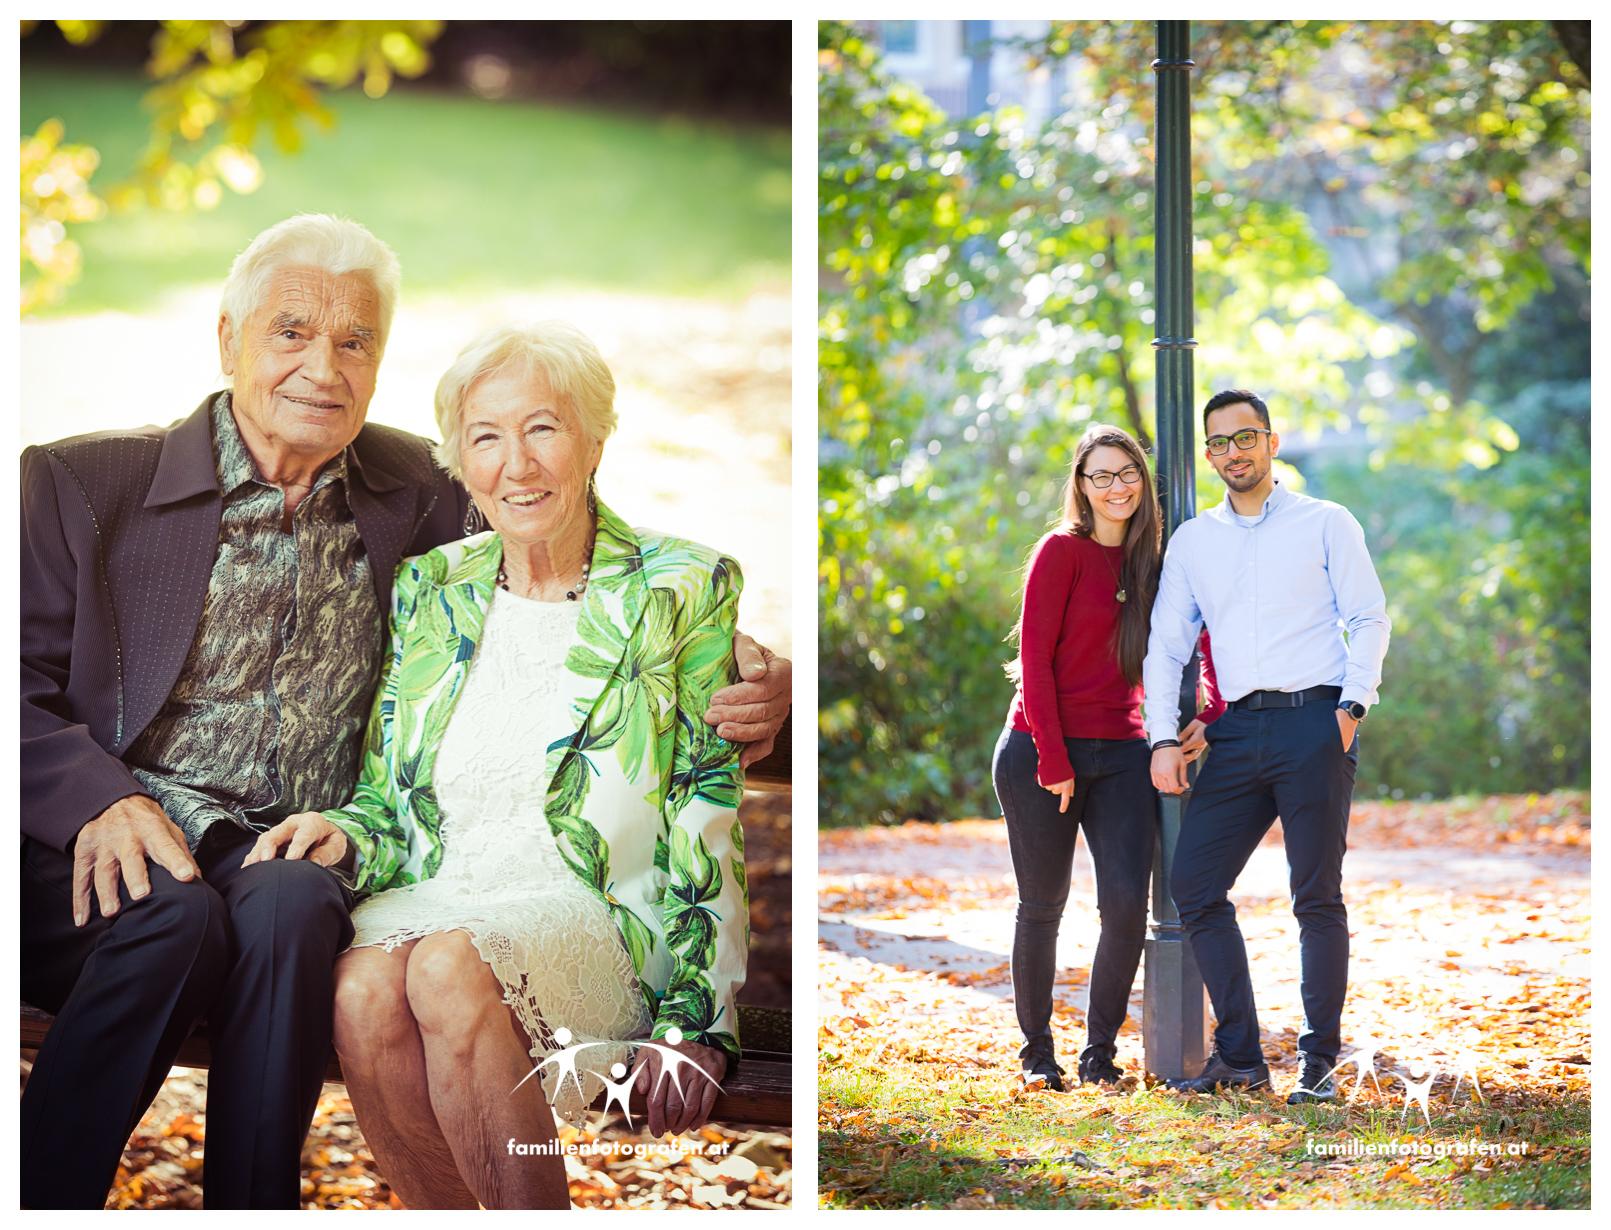 Familienfotos als Geschenk zum Hochzeitstag